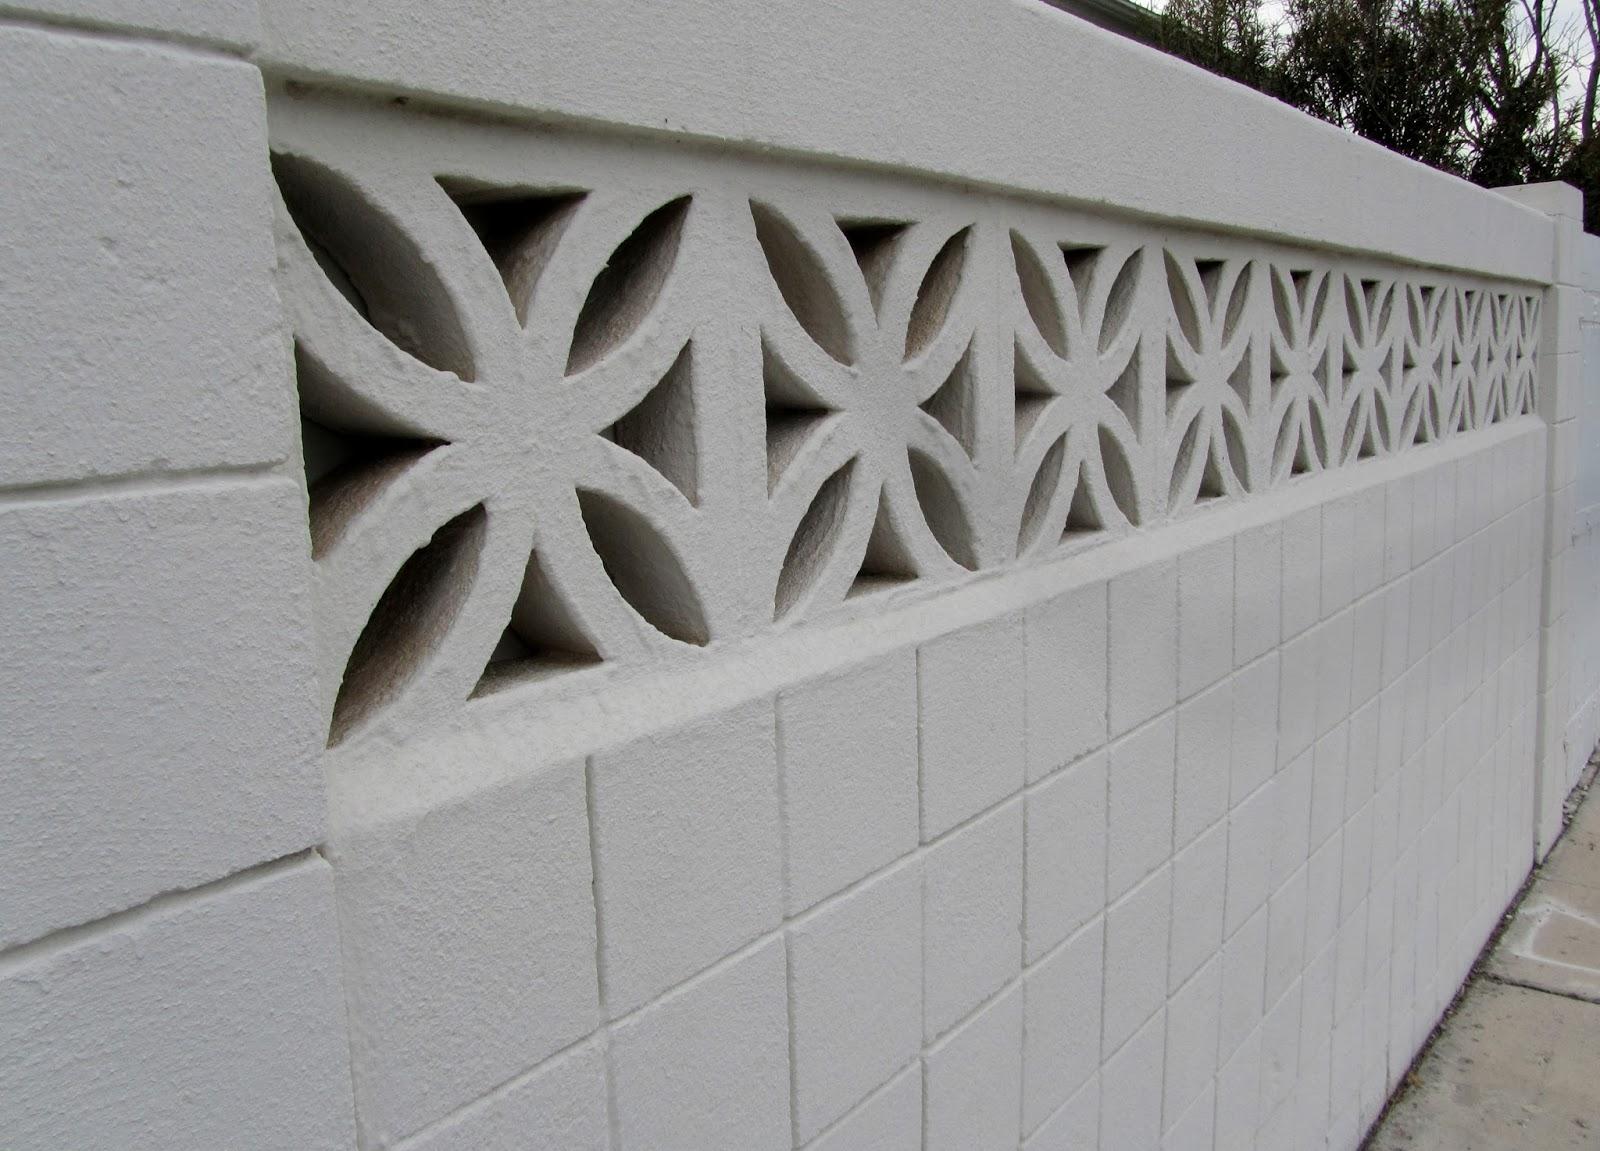 Decorative concrete block phoenix images - Decorating concrete walls ...